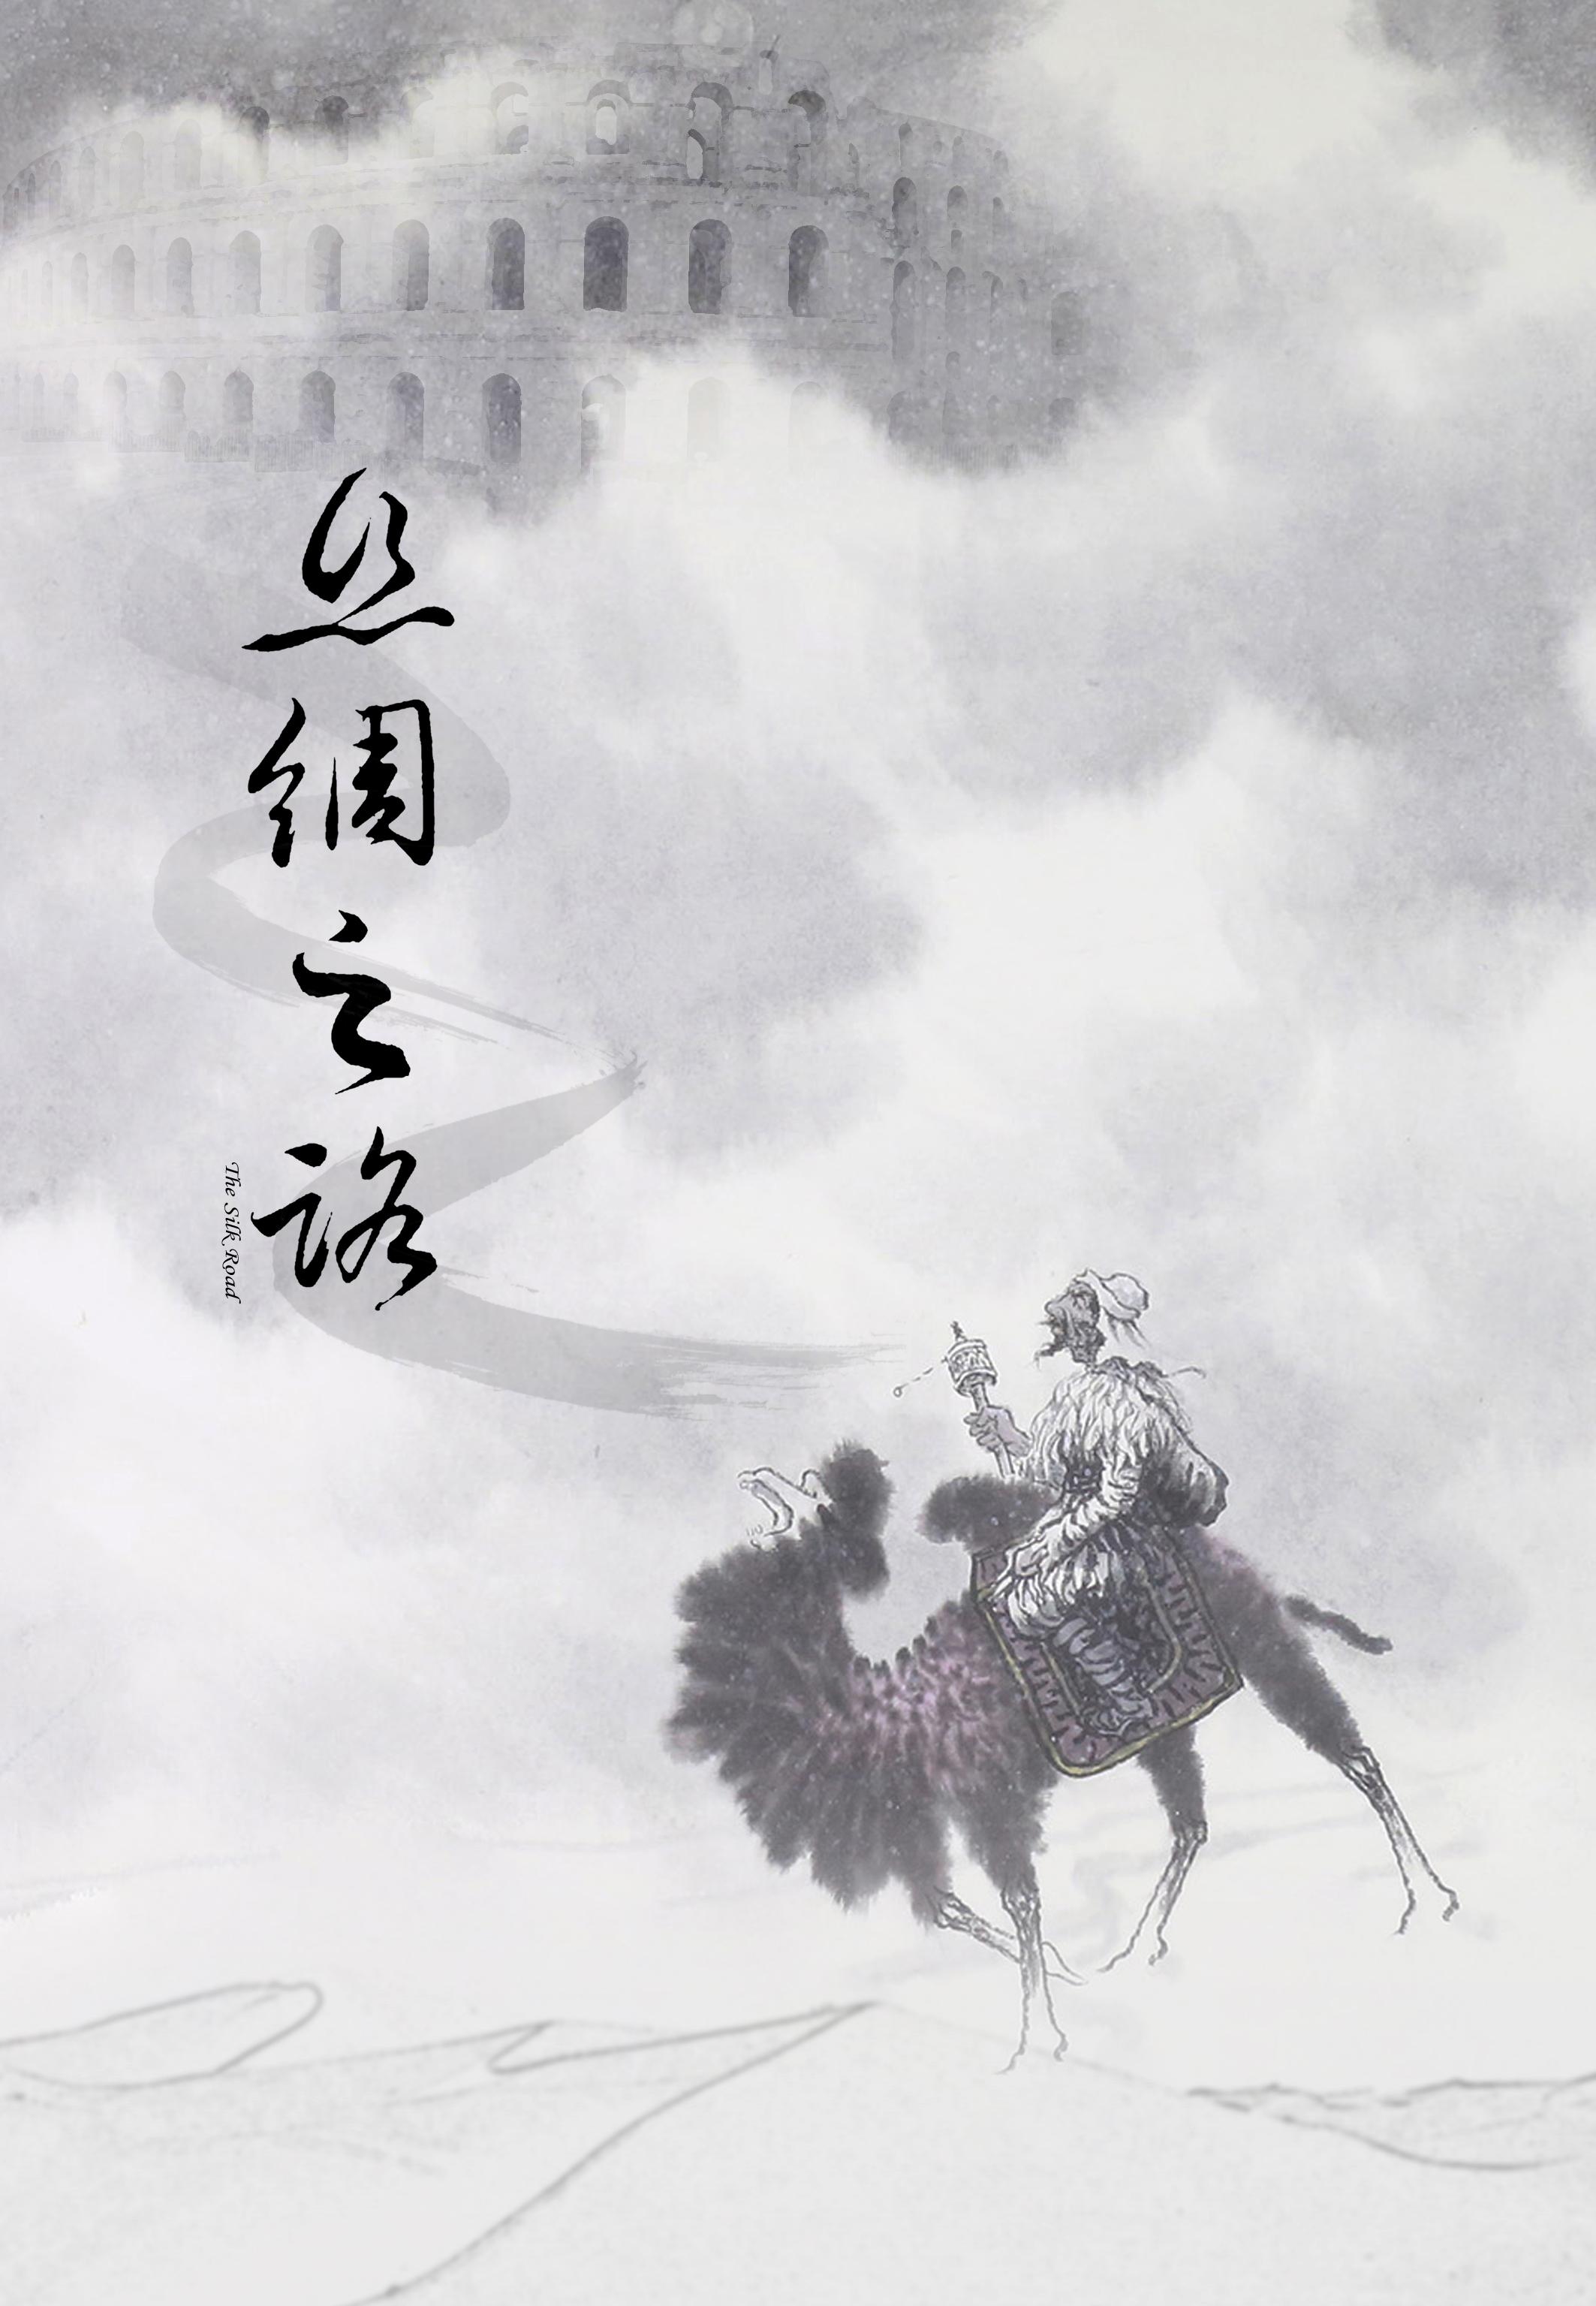 """整套平面海报设计都汇聚了中国古代""""丝绸之路""""文化中的诸多元素图片"""